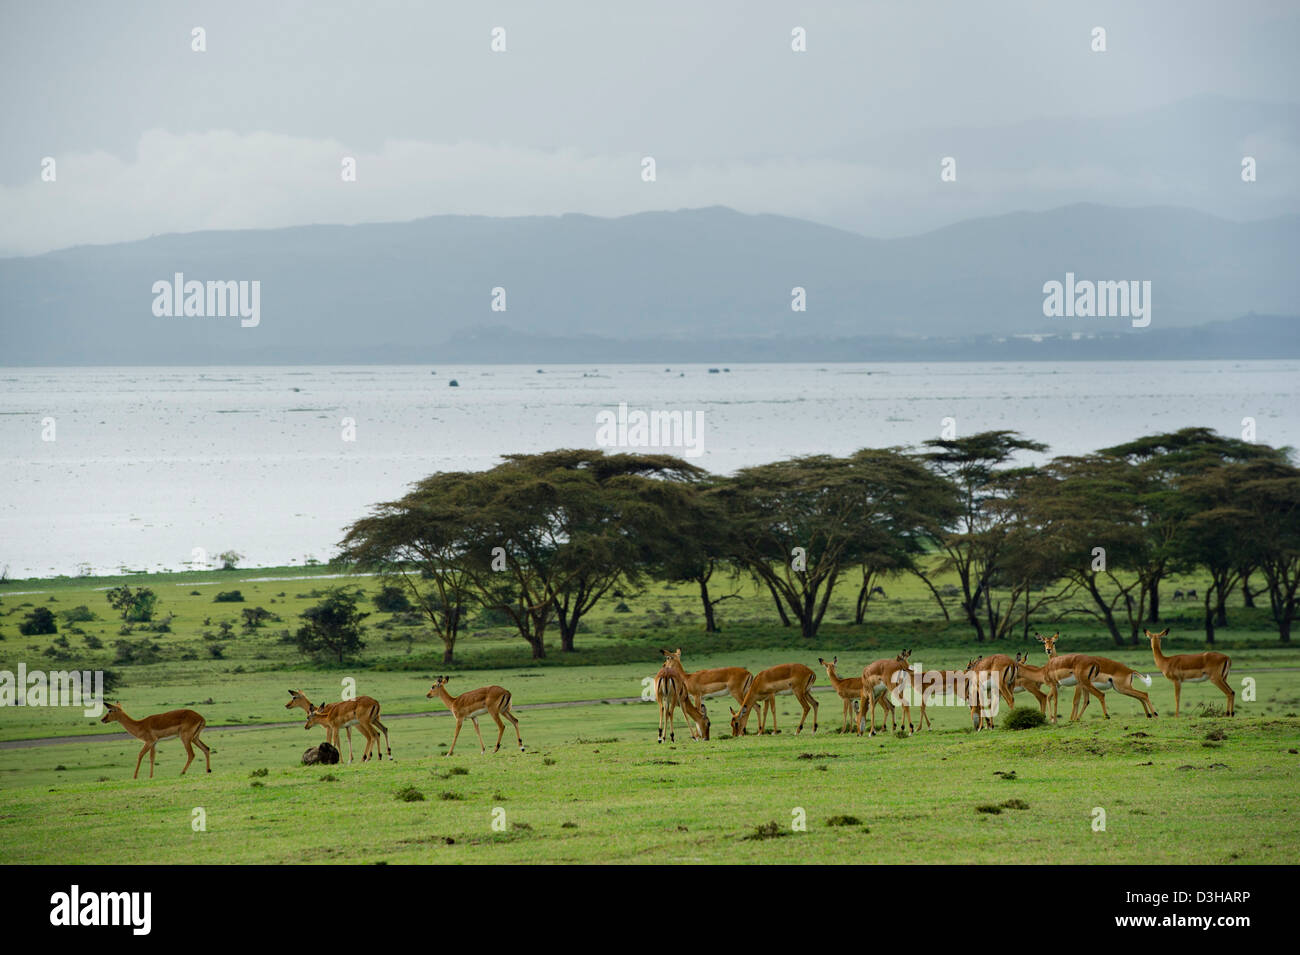 Impala (Aepyceros melampus), Crescent Island Game Sanctuary on Lake Naivasha, Kenya - Stock Image